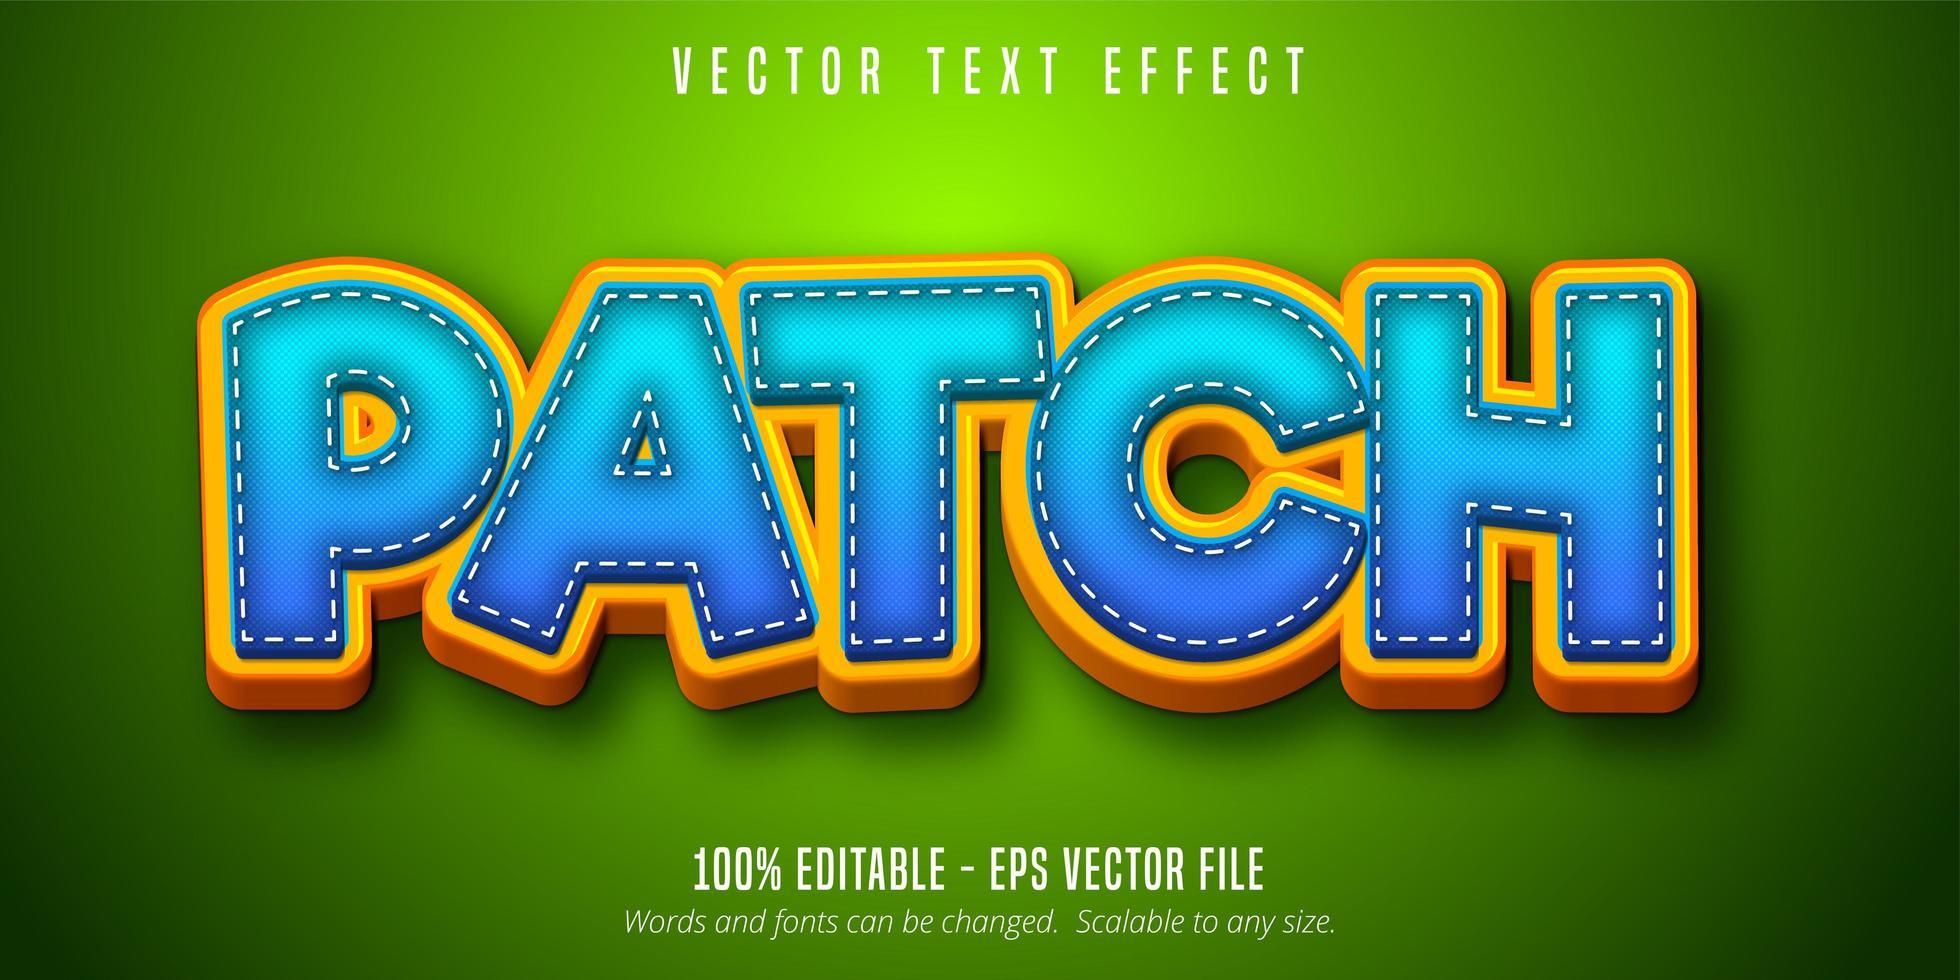 testo patch, effetto testo in stile cartone animato vettore